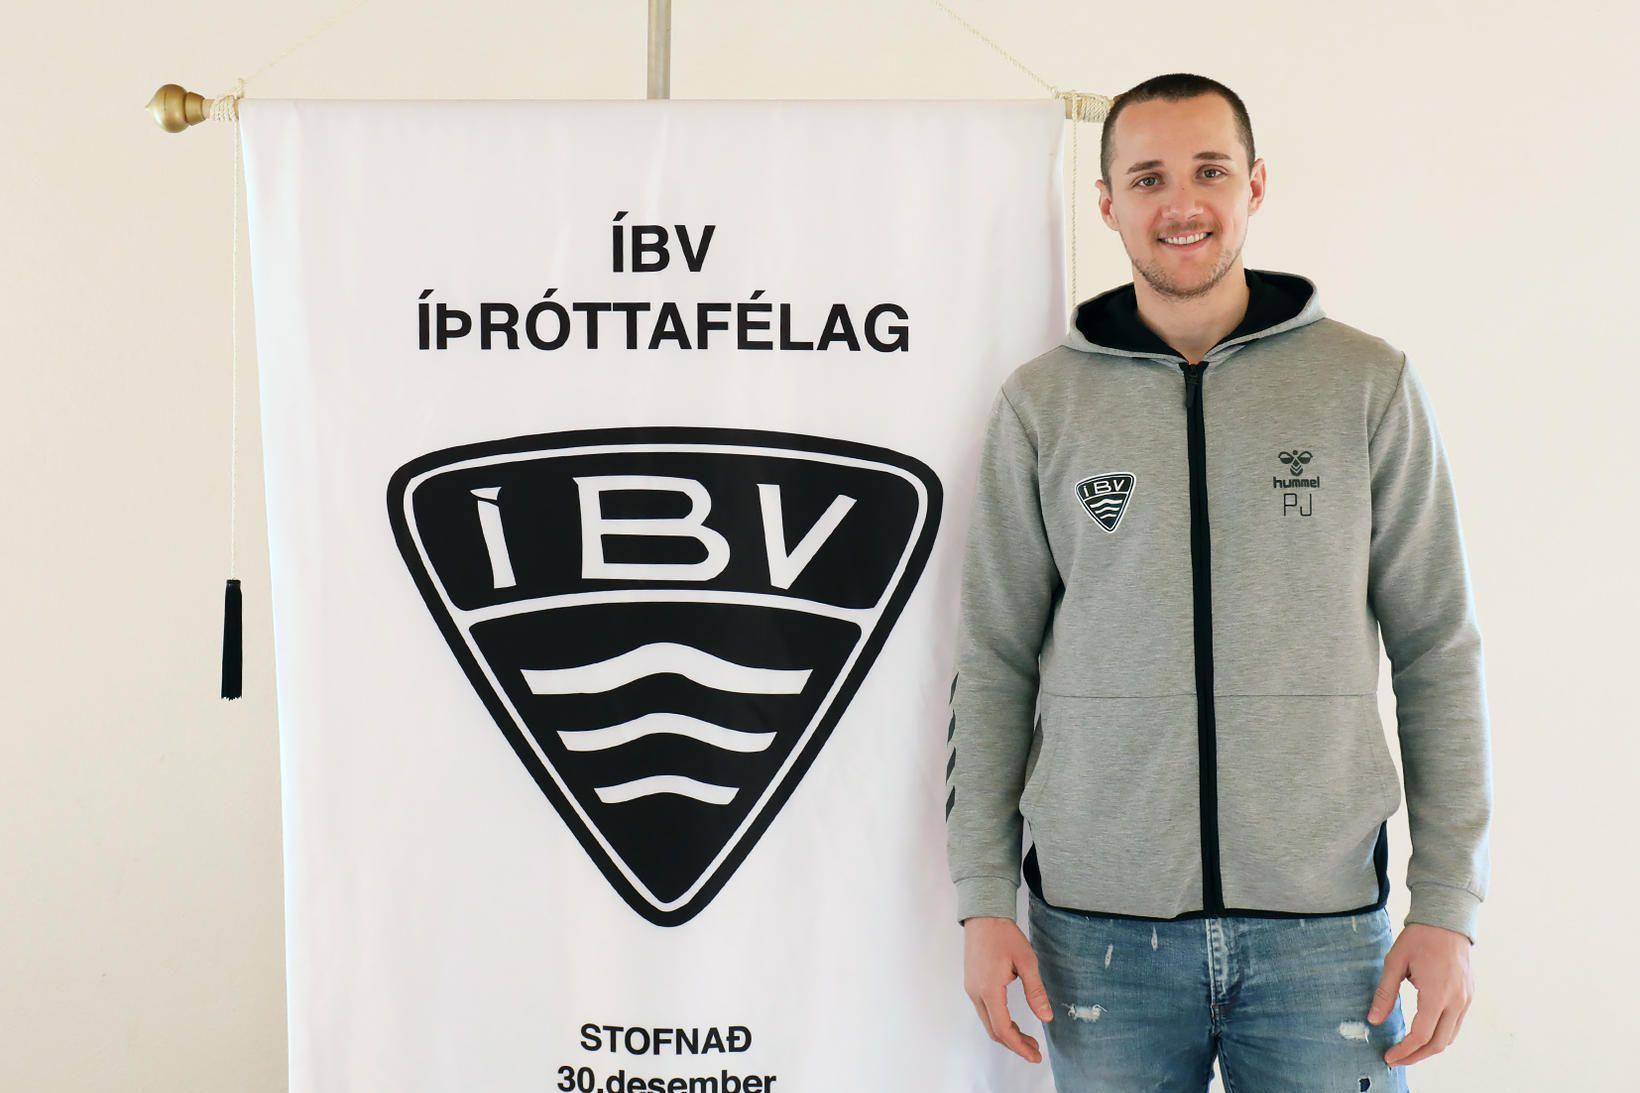 Petar Jokanovic verður áfram í Vestmannaeyjum.